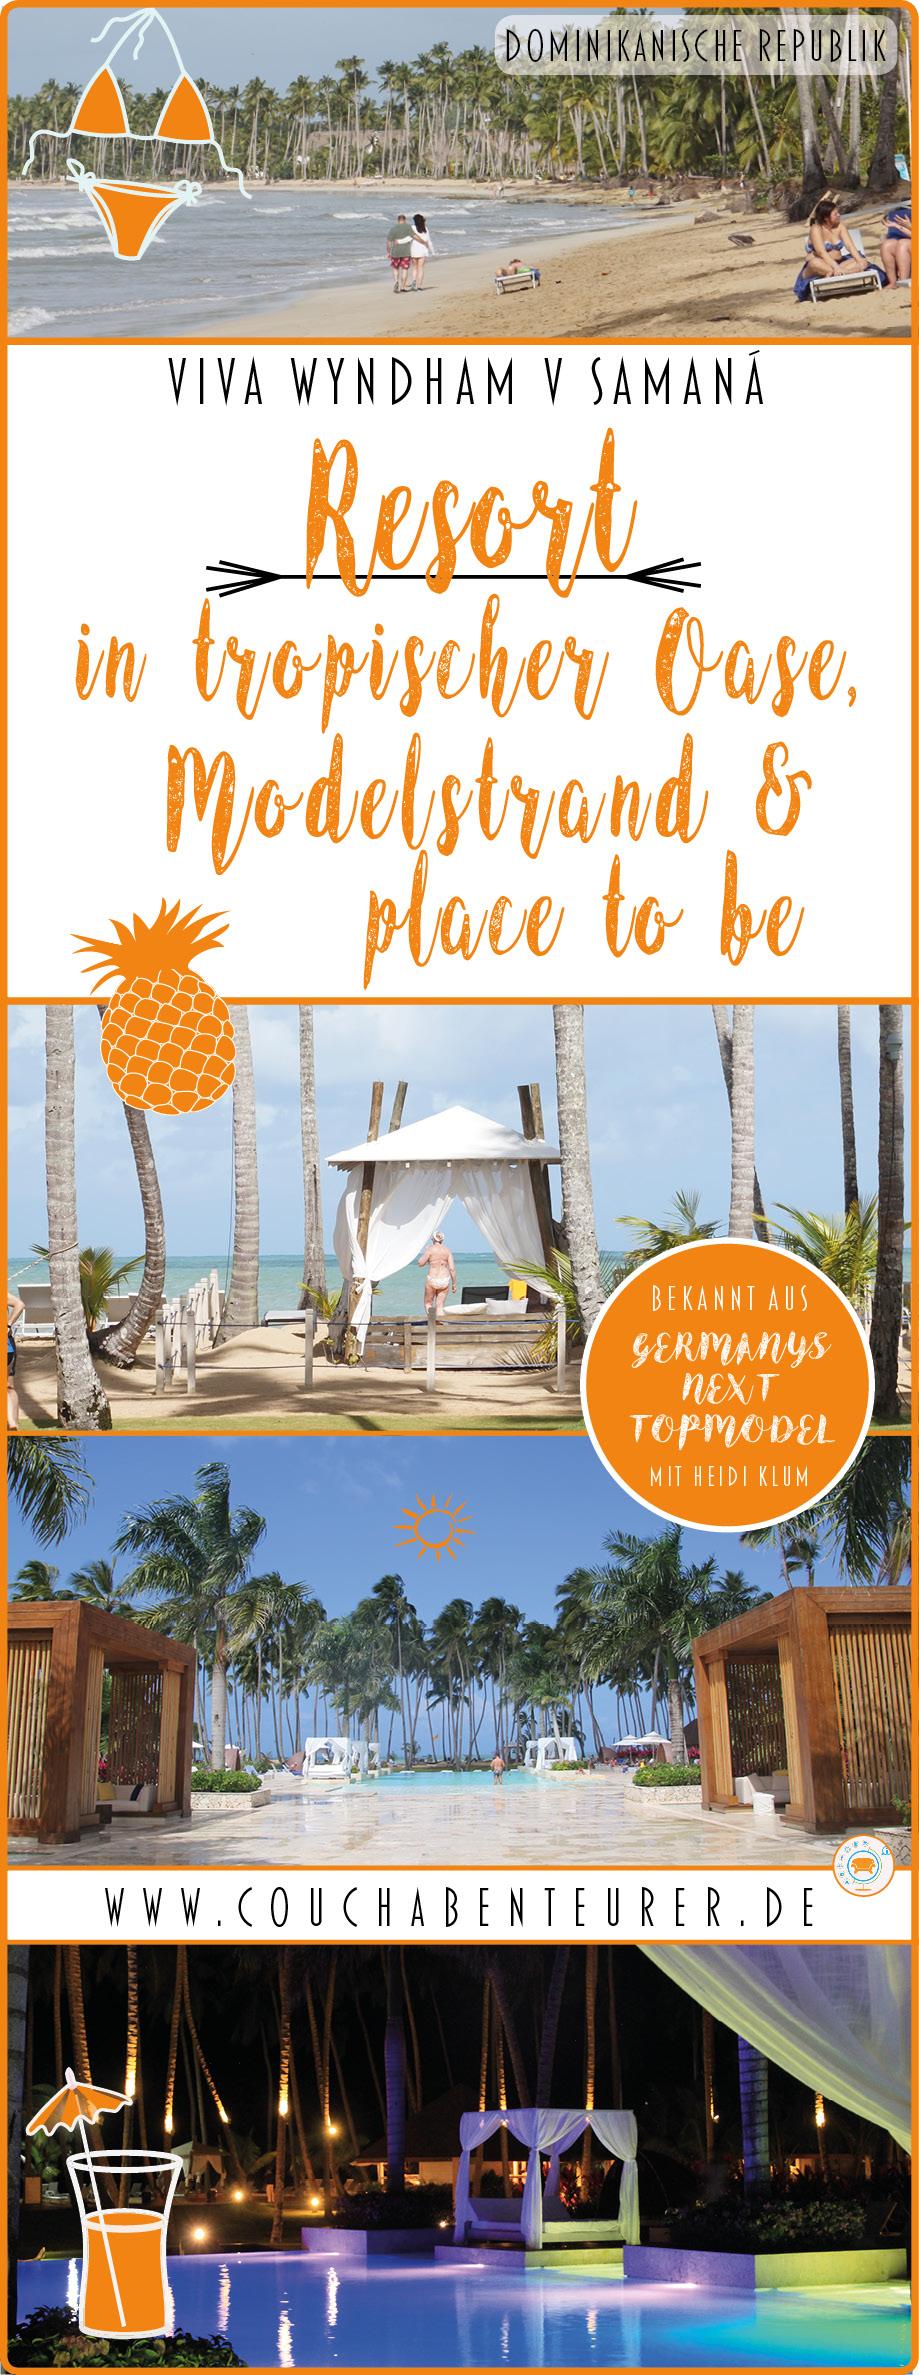 VIVA_Wyndham_v_Samana_DomRep_Resort_tropische_Oase_Modelstrand_place_to_be